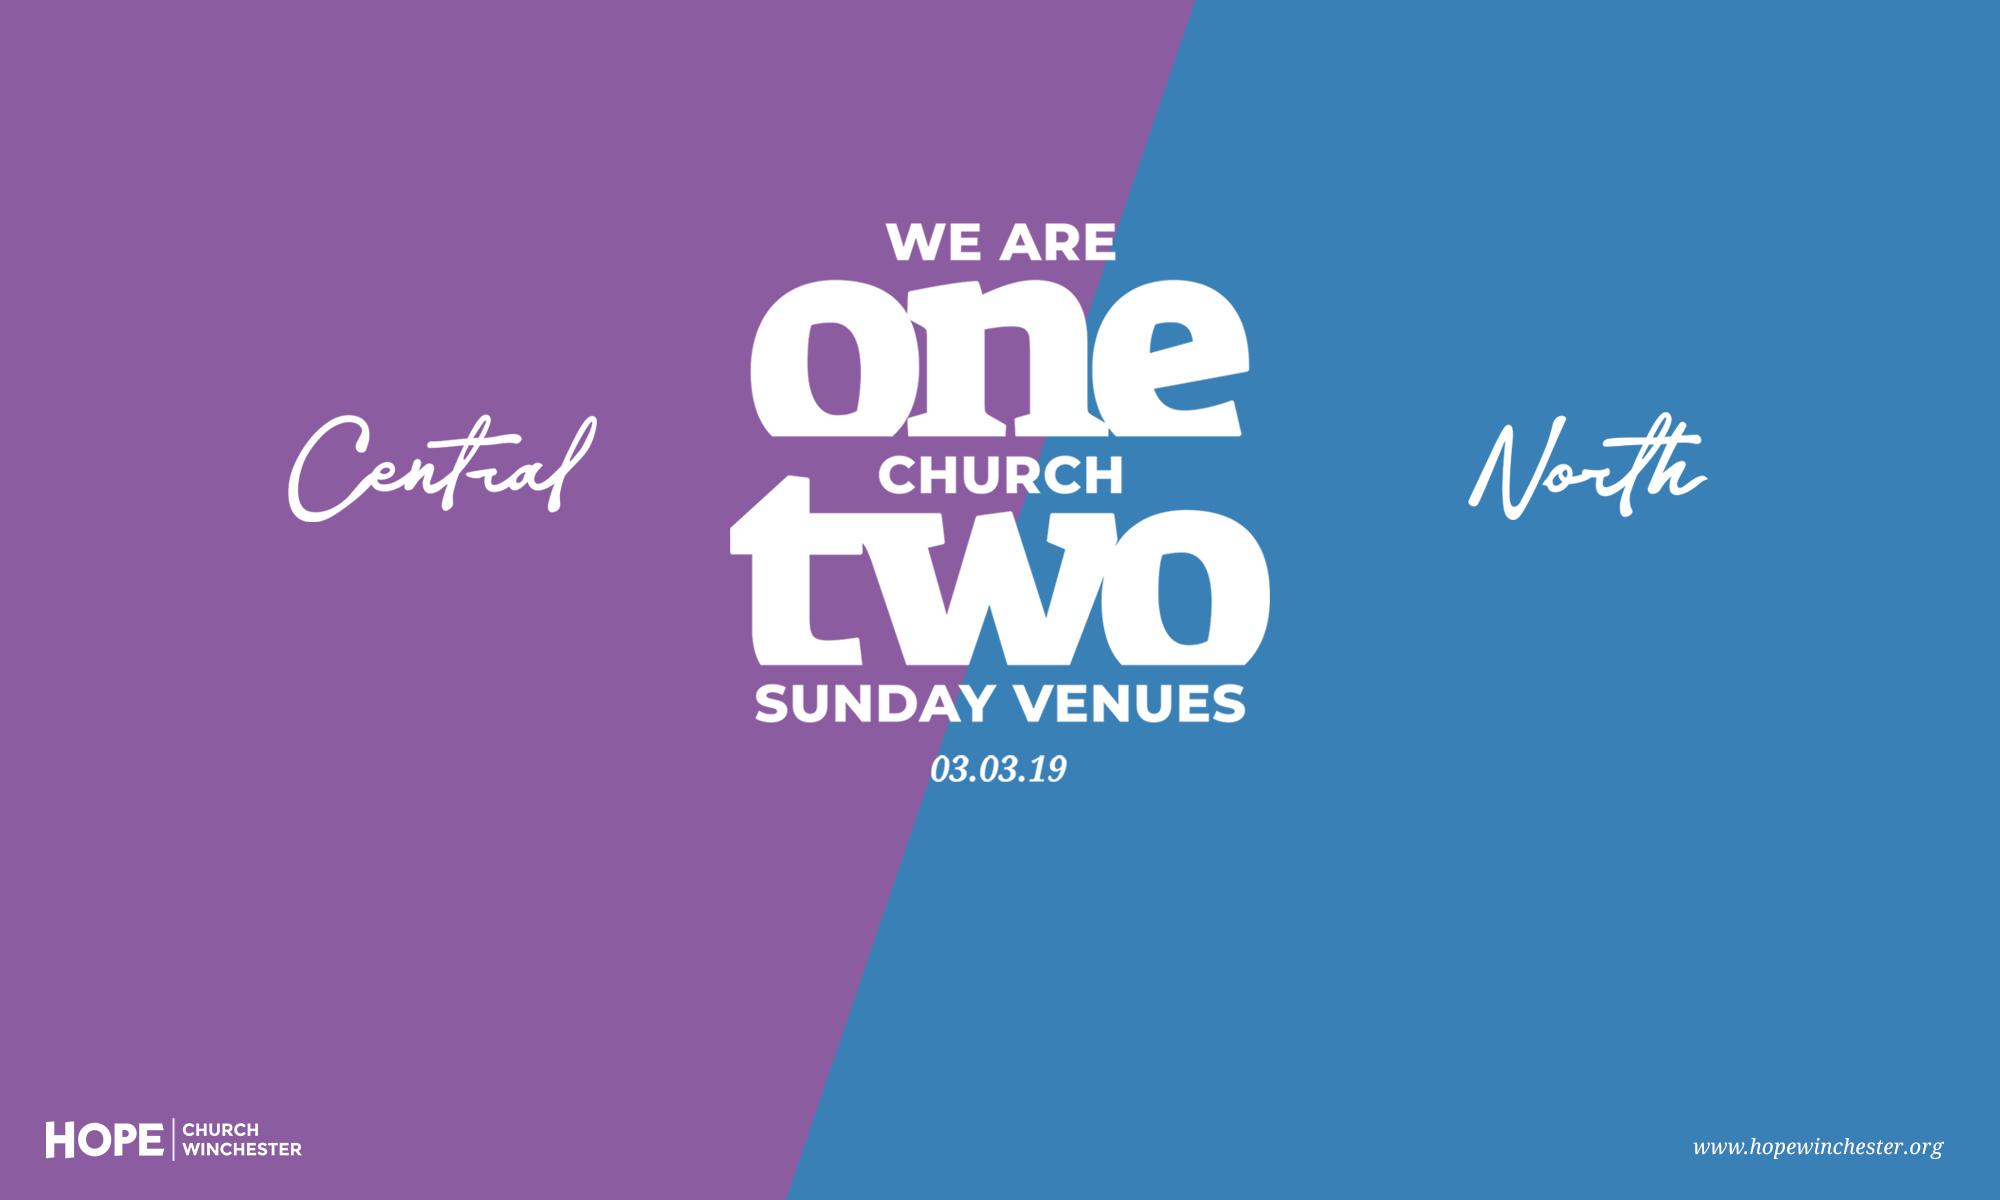 W-Home-One-Church2